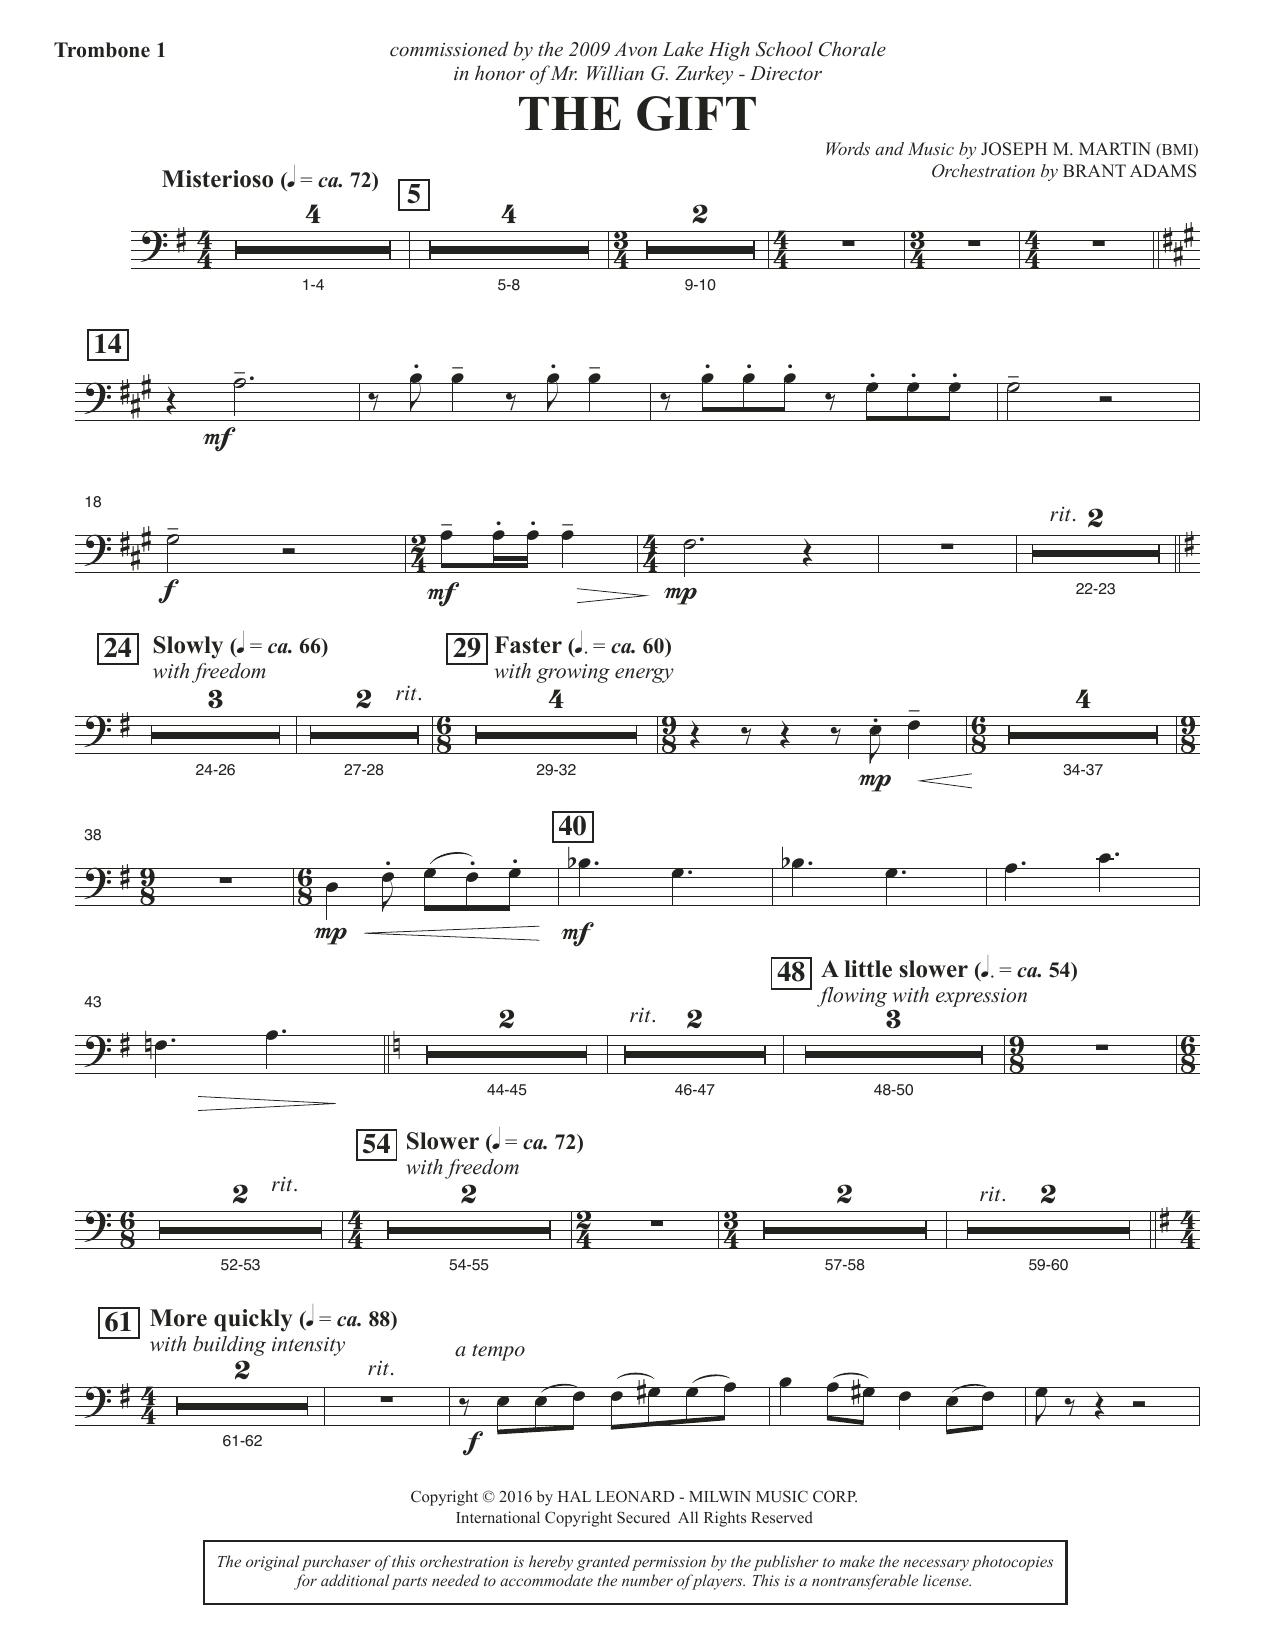 The Gift - Trombone 1 Sheet Music